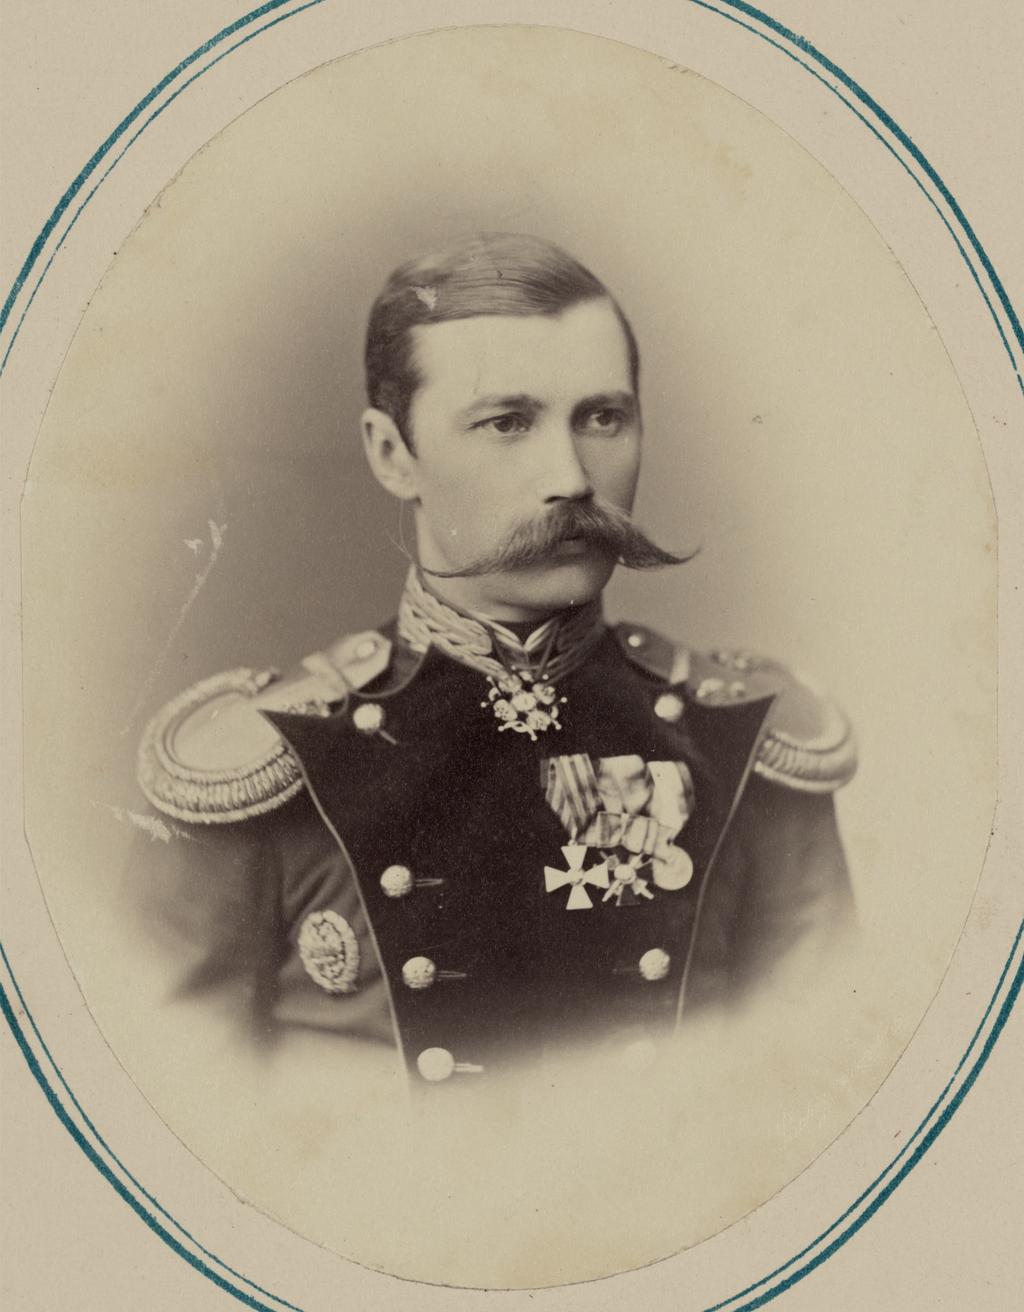 Георгиевские кавалеры и награжденные золотым оружием. За взятие укрепления Джизак 18 октября 1866 г. Капитан гвардии Н. А. Мазинг